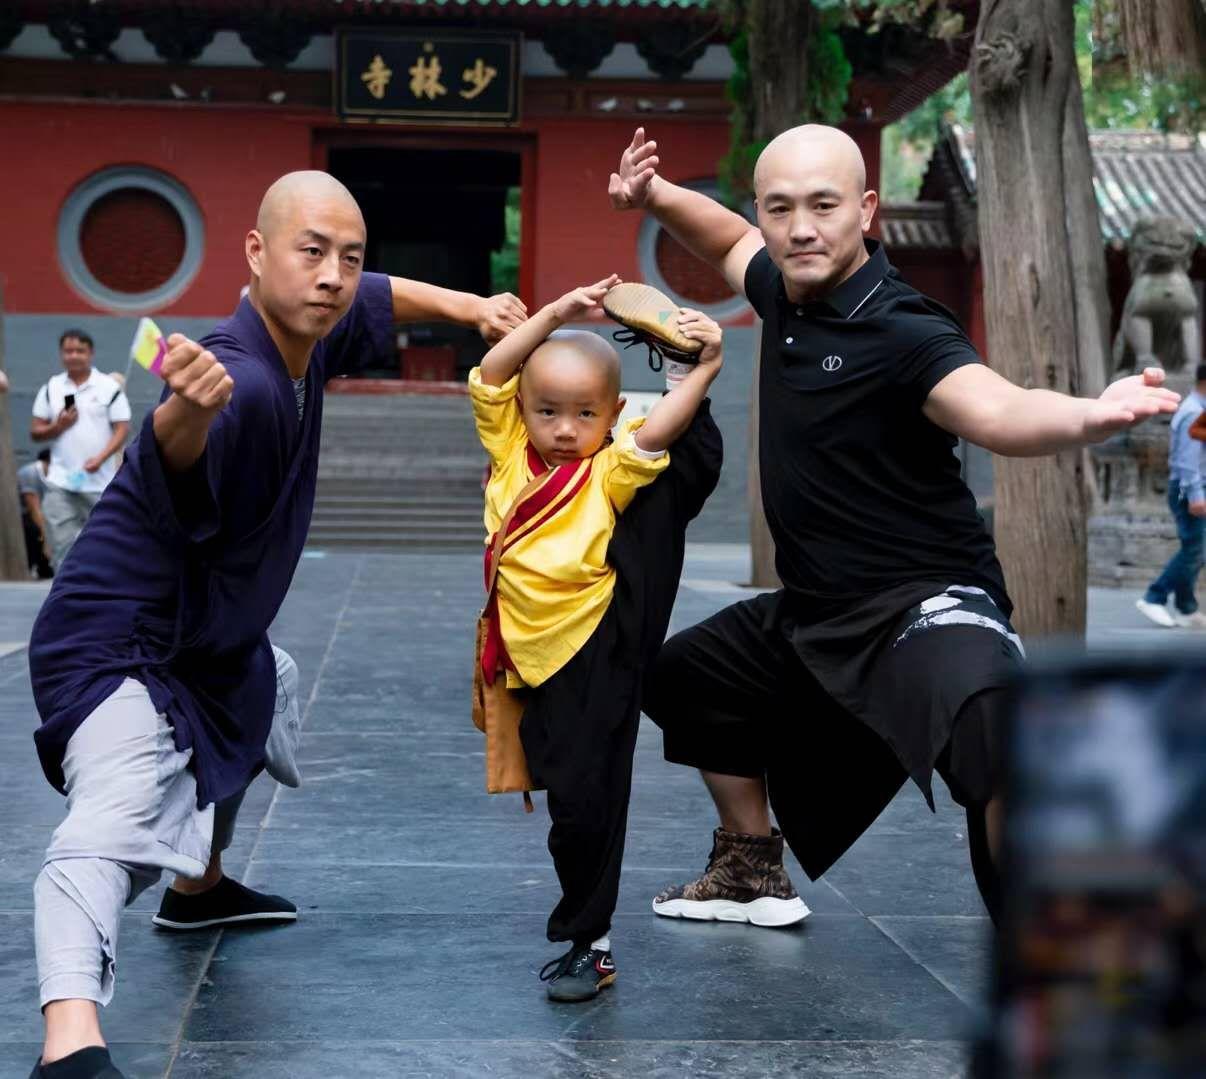 一龙携手释小龙造访少林寺,获少林官方接待,遗憾未与释永信见面